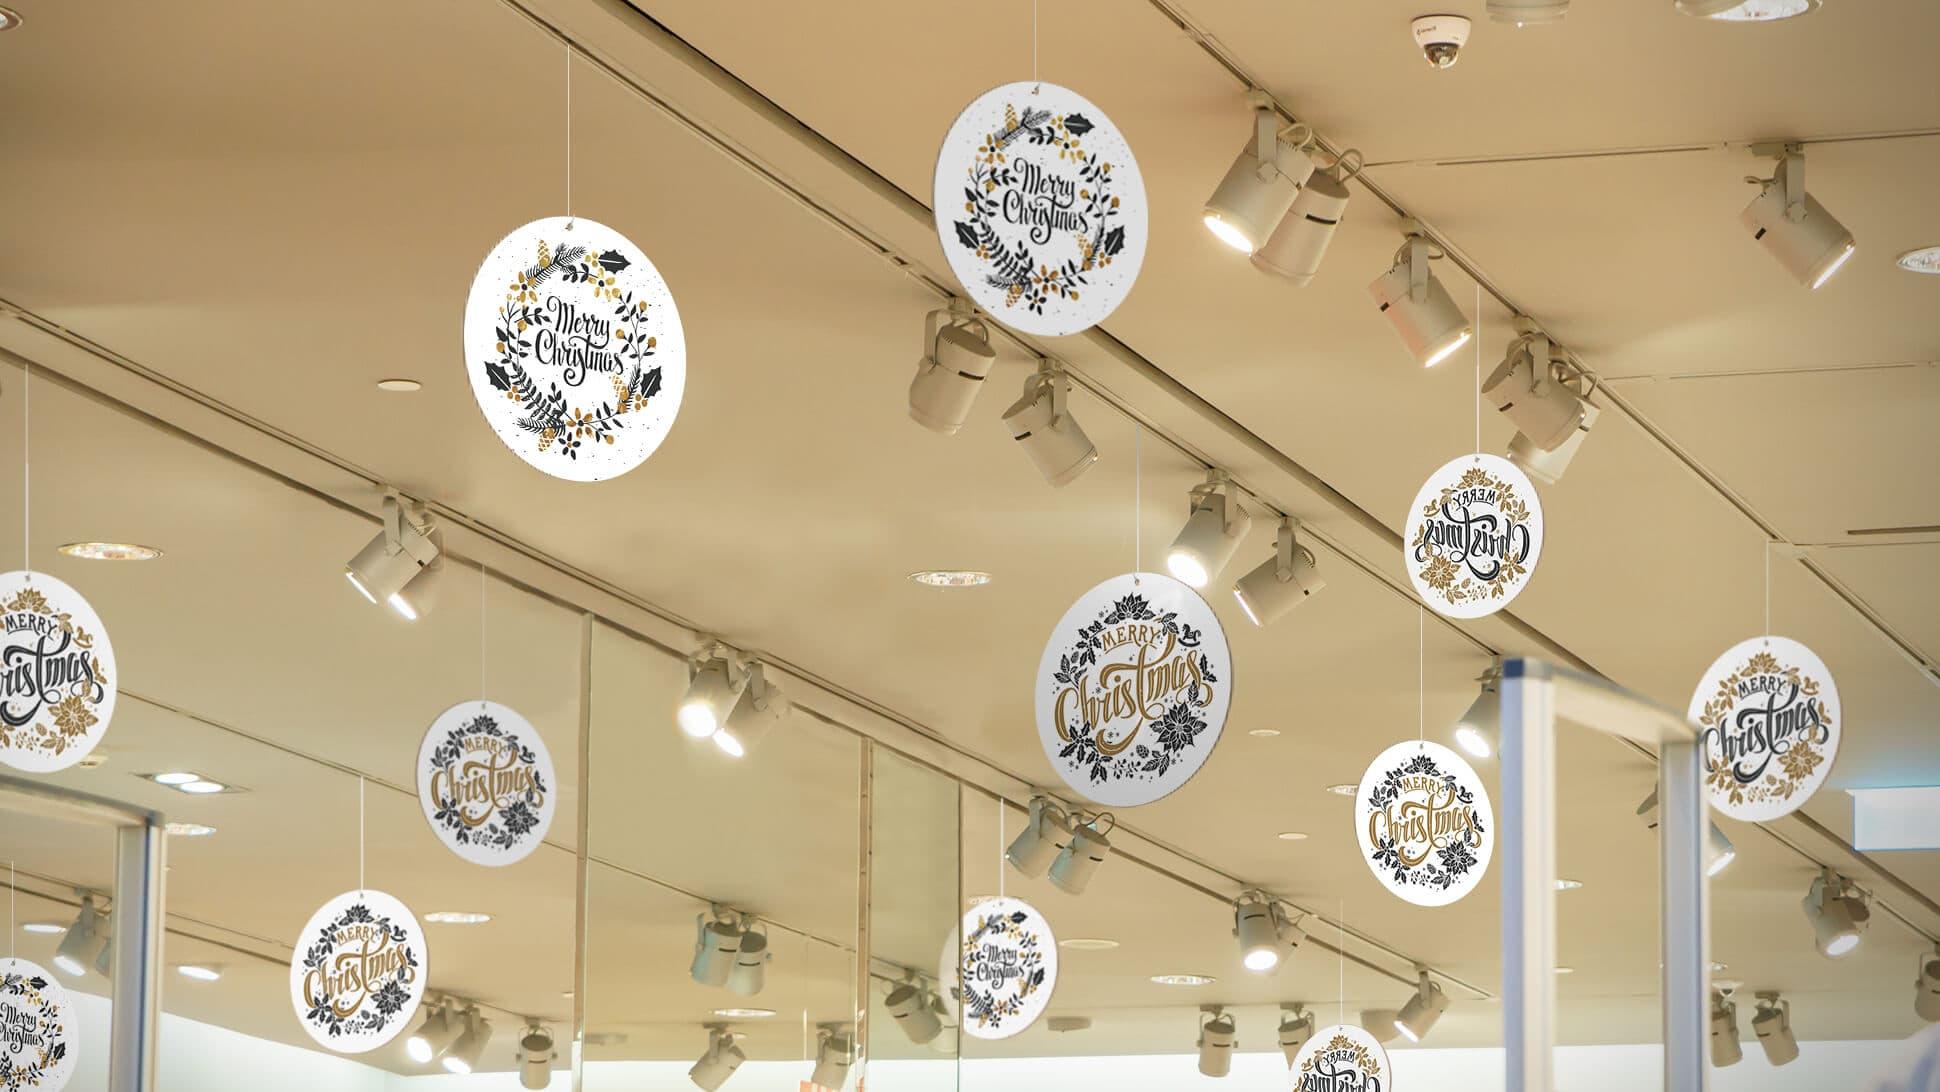 rotair Merry Christmas oro e bianchi in cartone con diversi diametri per centri commerciali e negozi | tictac.it